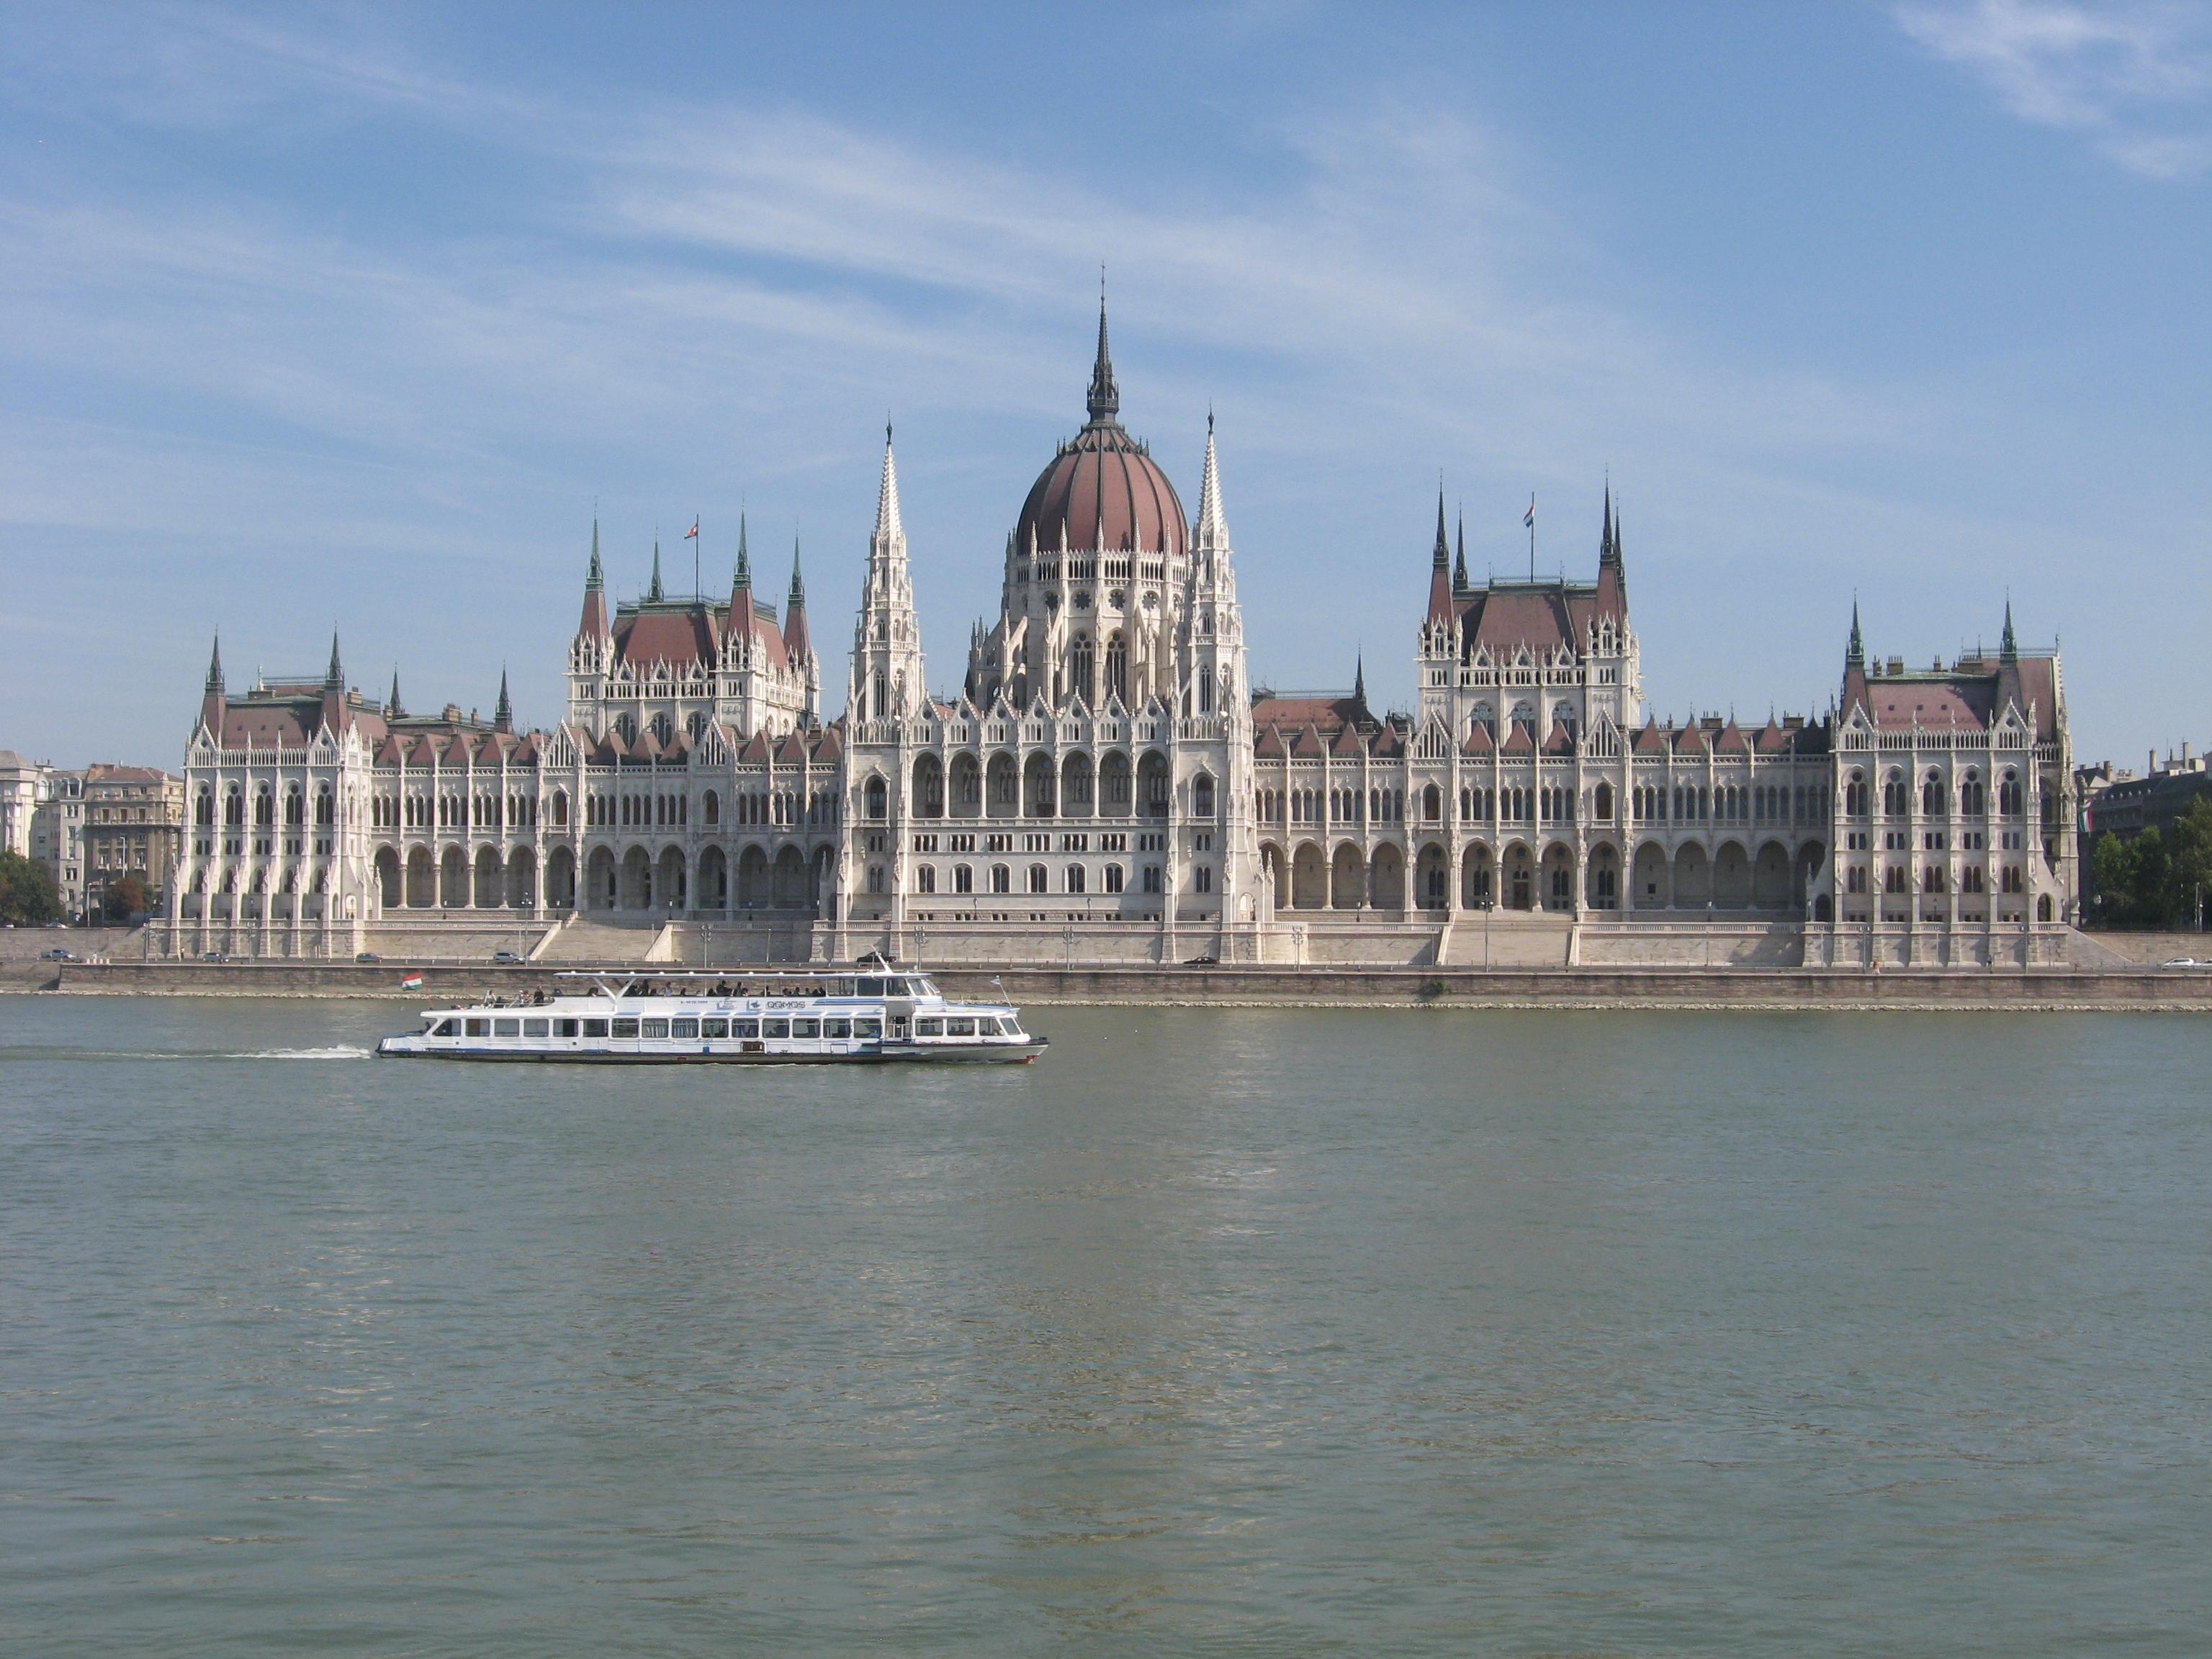 Parliamentbudapest.JPG